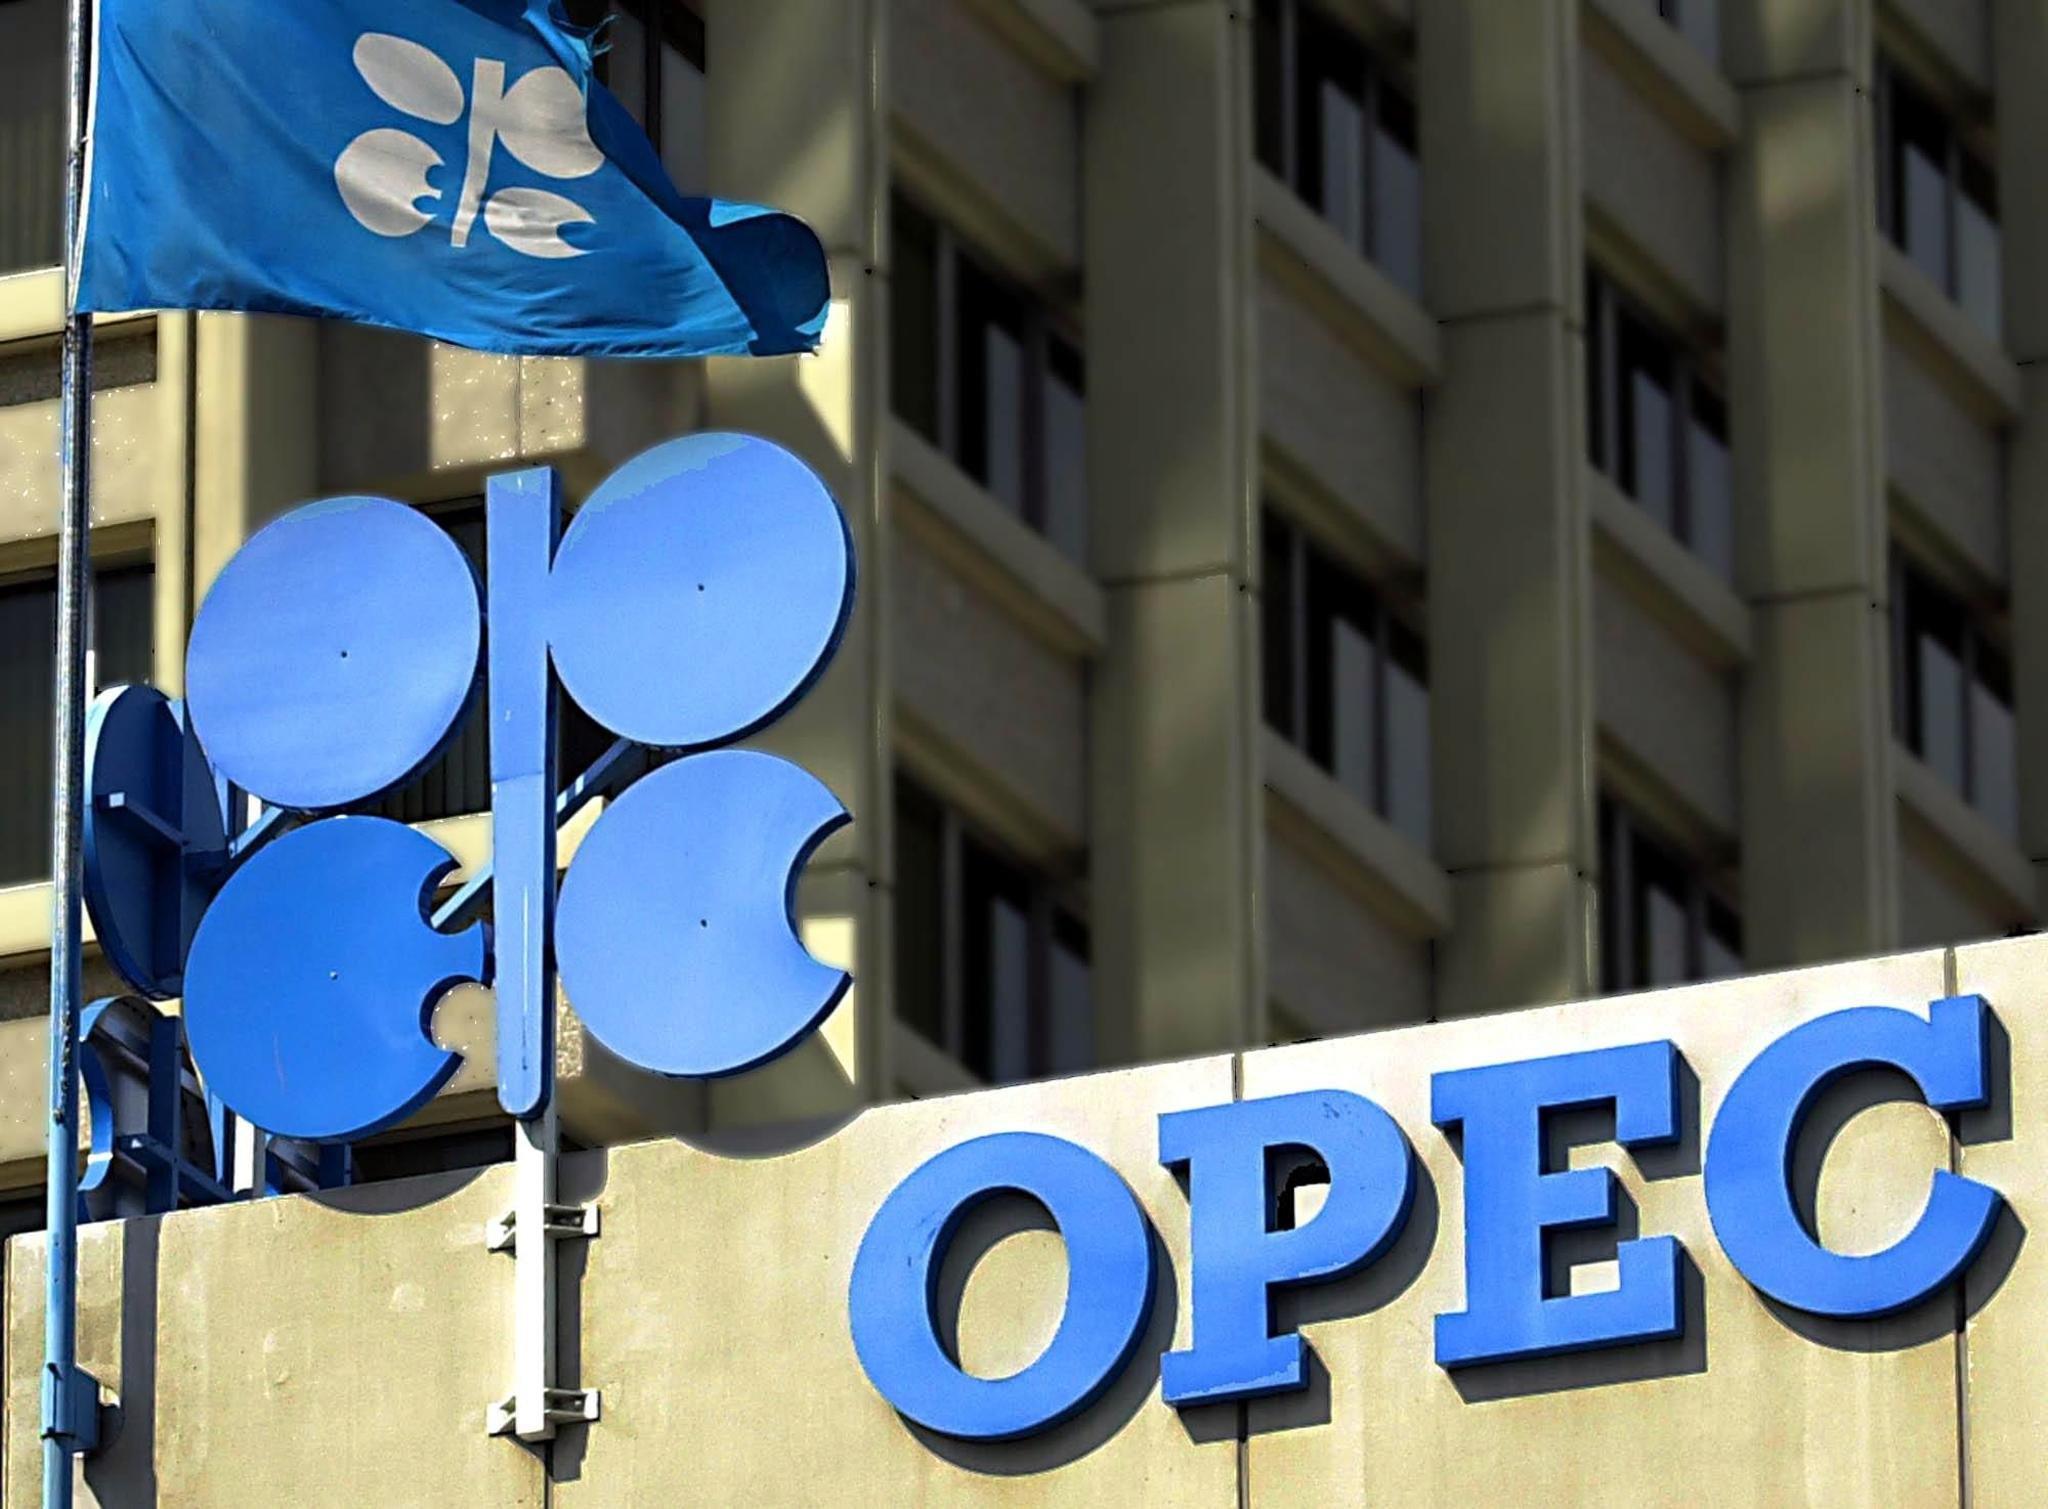 ОПЕК чуть снизила прогноз роста поставок нефти из стран не ОПЕК в 2018 году